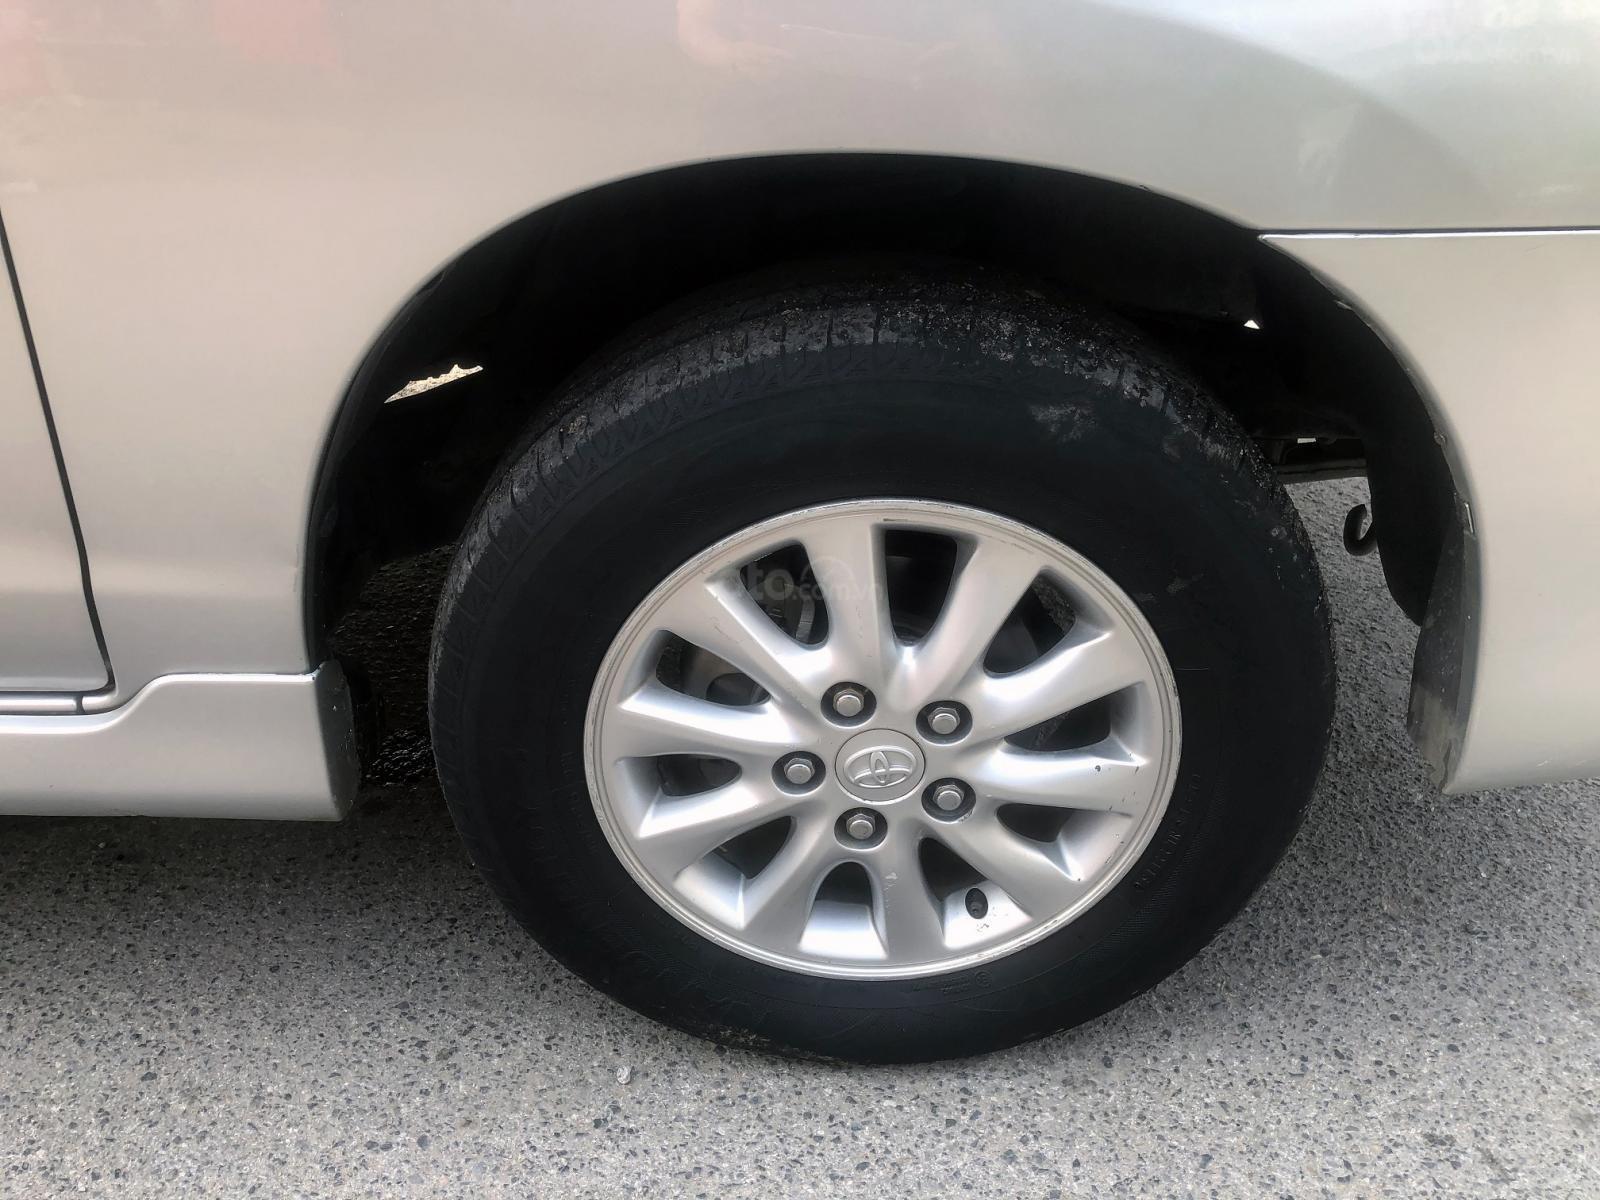 Bán ô tô Toyota Innova 2.0 MT đời 2012, màu bạc, biển Hà Nội, không chạy dịch vụ (15)